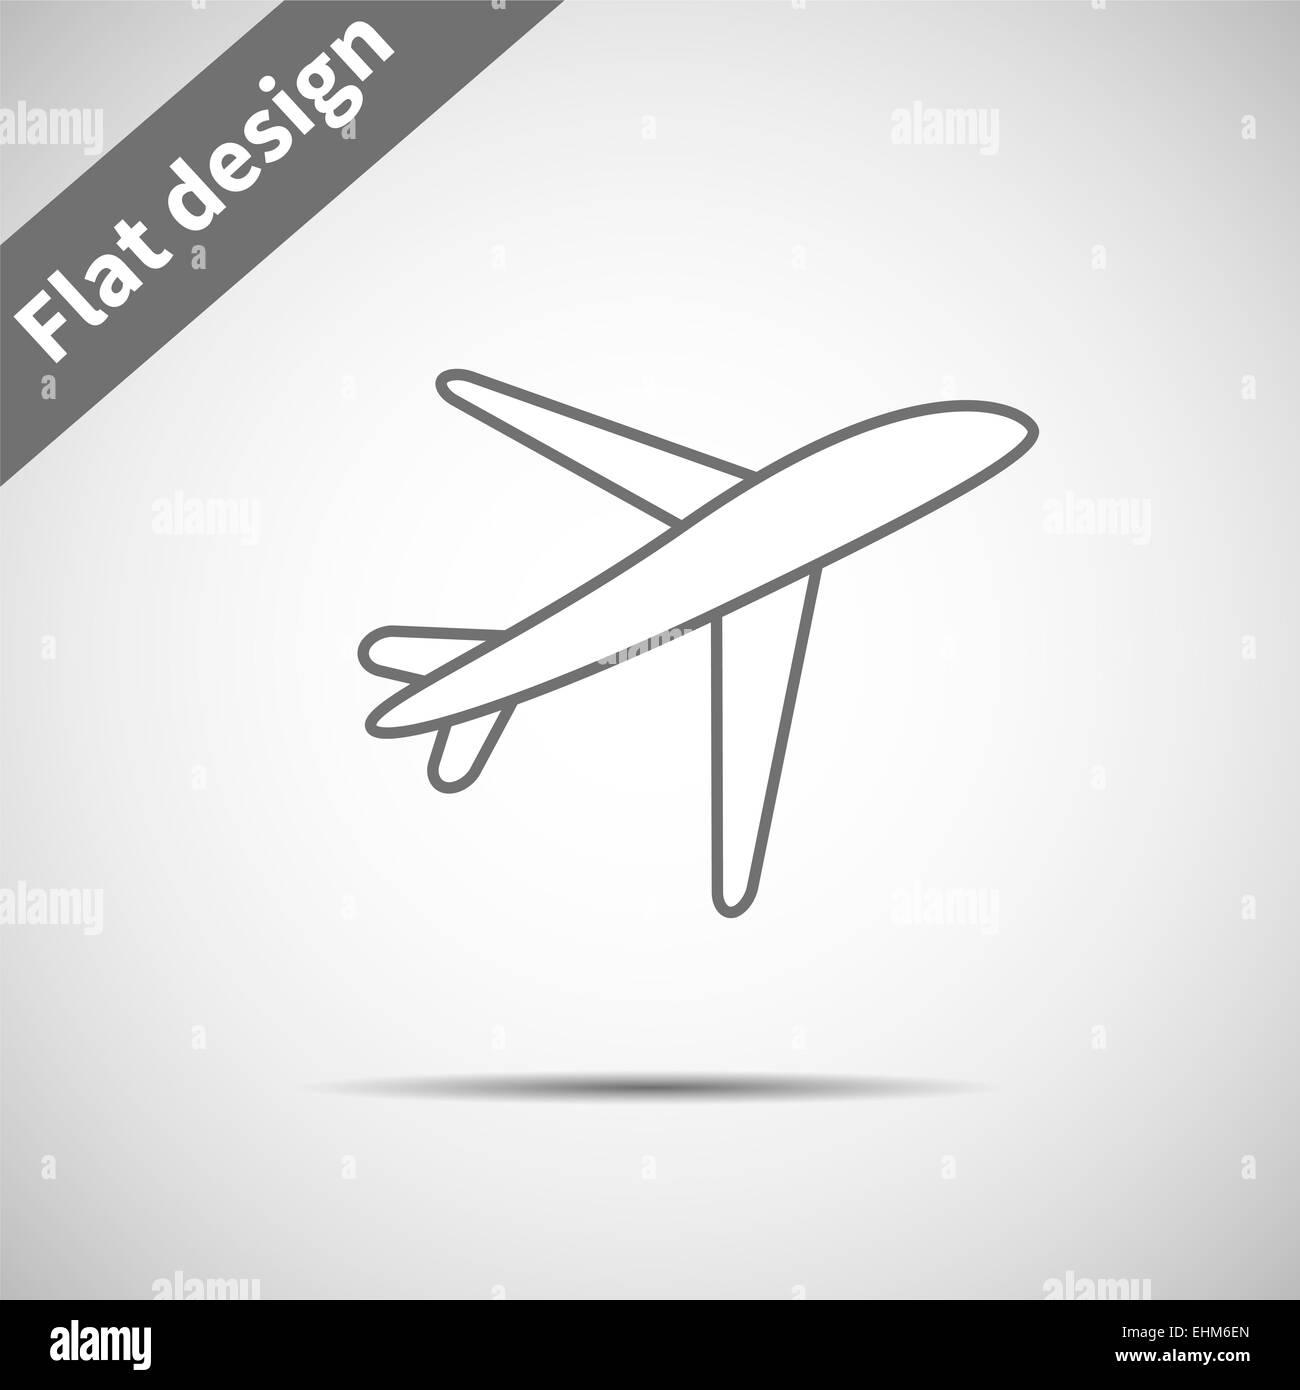 Ligne Davion Gris Licne Utilisez La Bannire Carte De Visite Affiche Flyer Application Web Design Facile Modifier Il Vecteur